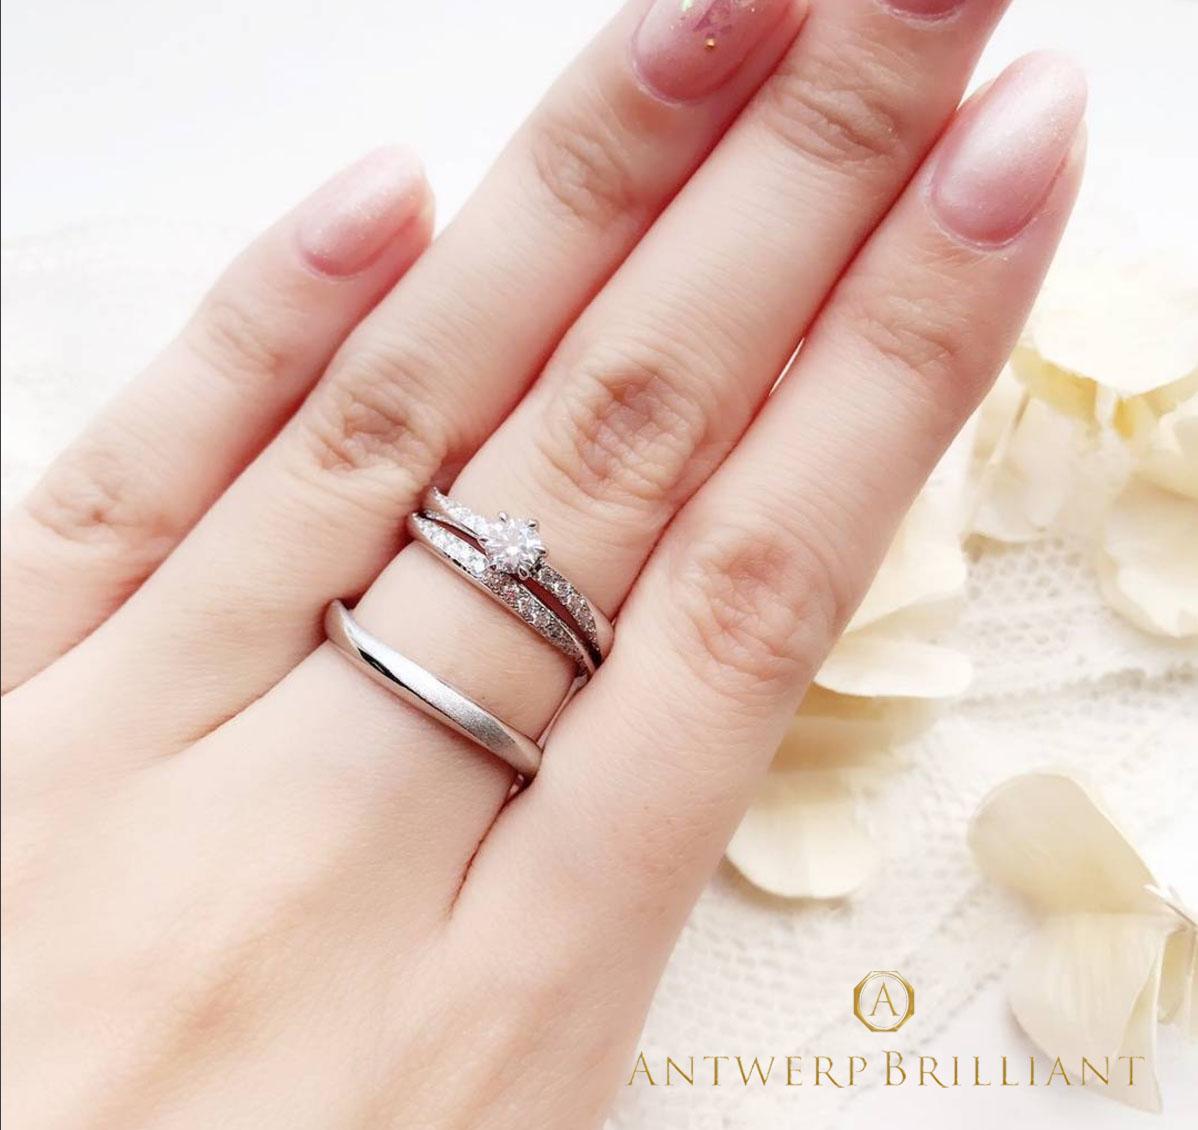 東京 銀座 サプライズ プロポーズ ダイヤモンドライン 彼女 好み 指輪 重ね付け